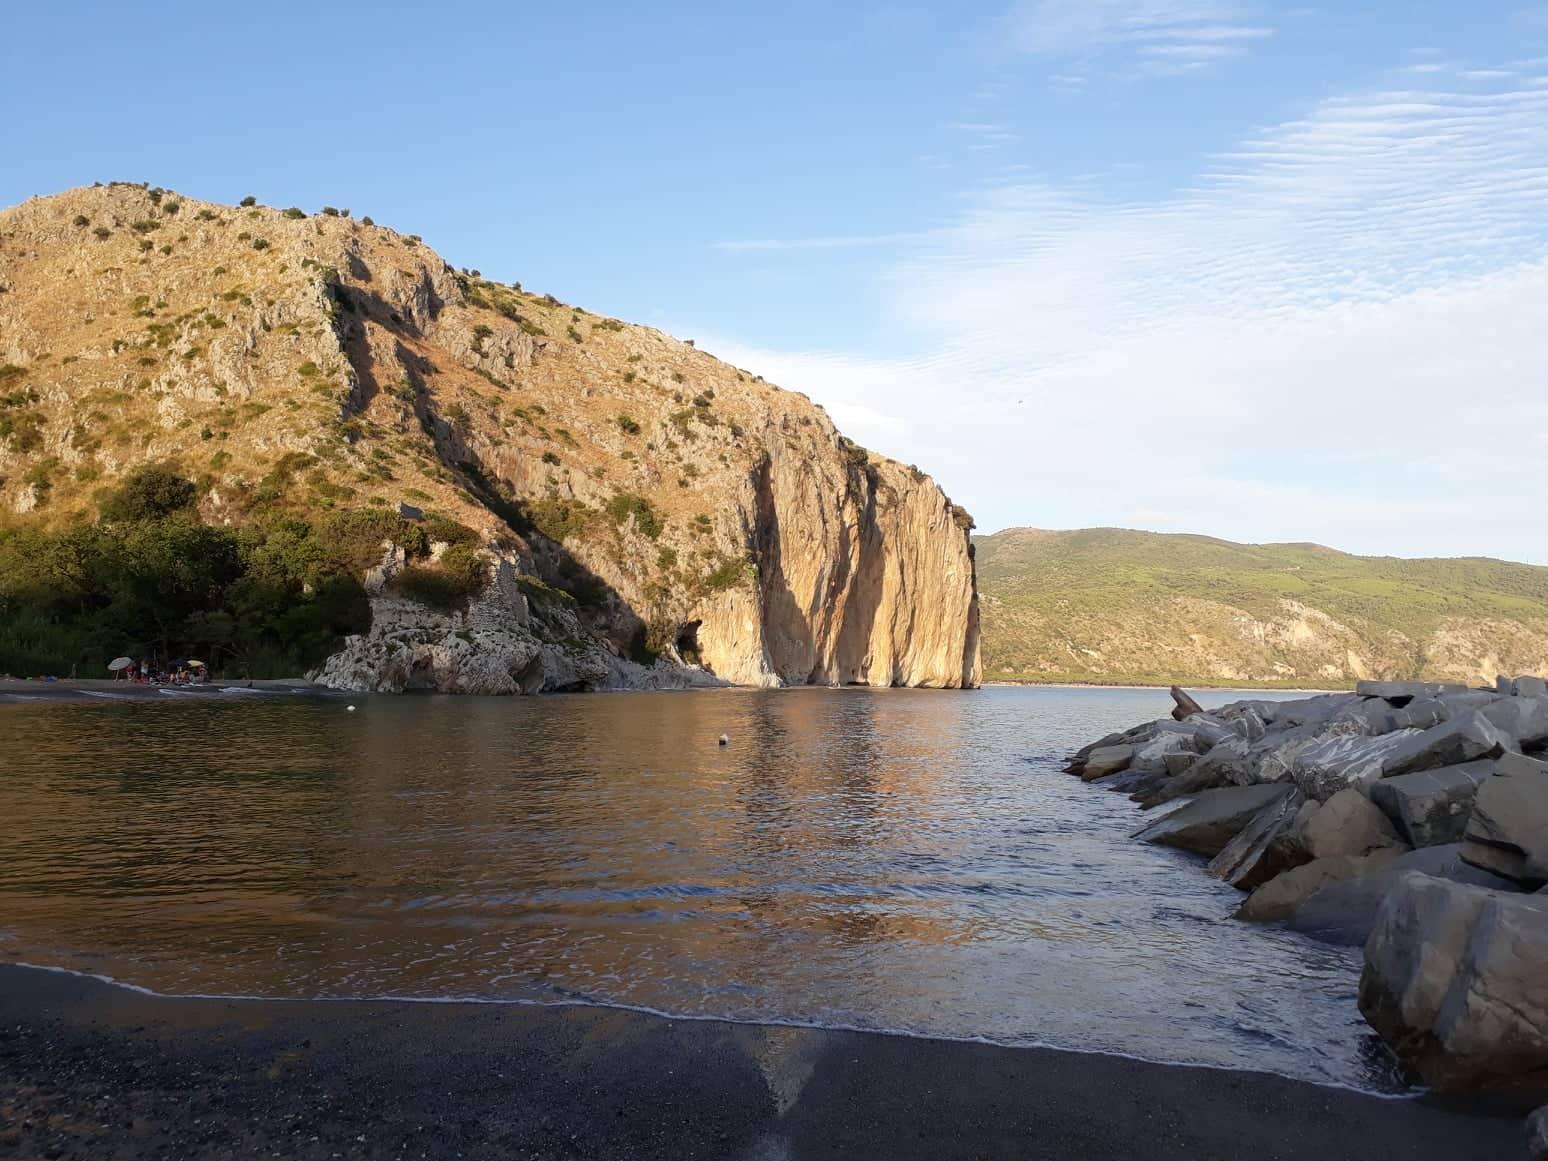 spiagge di Palinuro, spiaggia della Marinella Palinuro